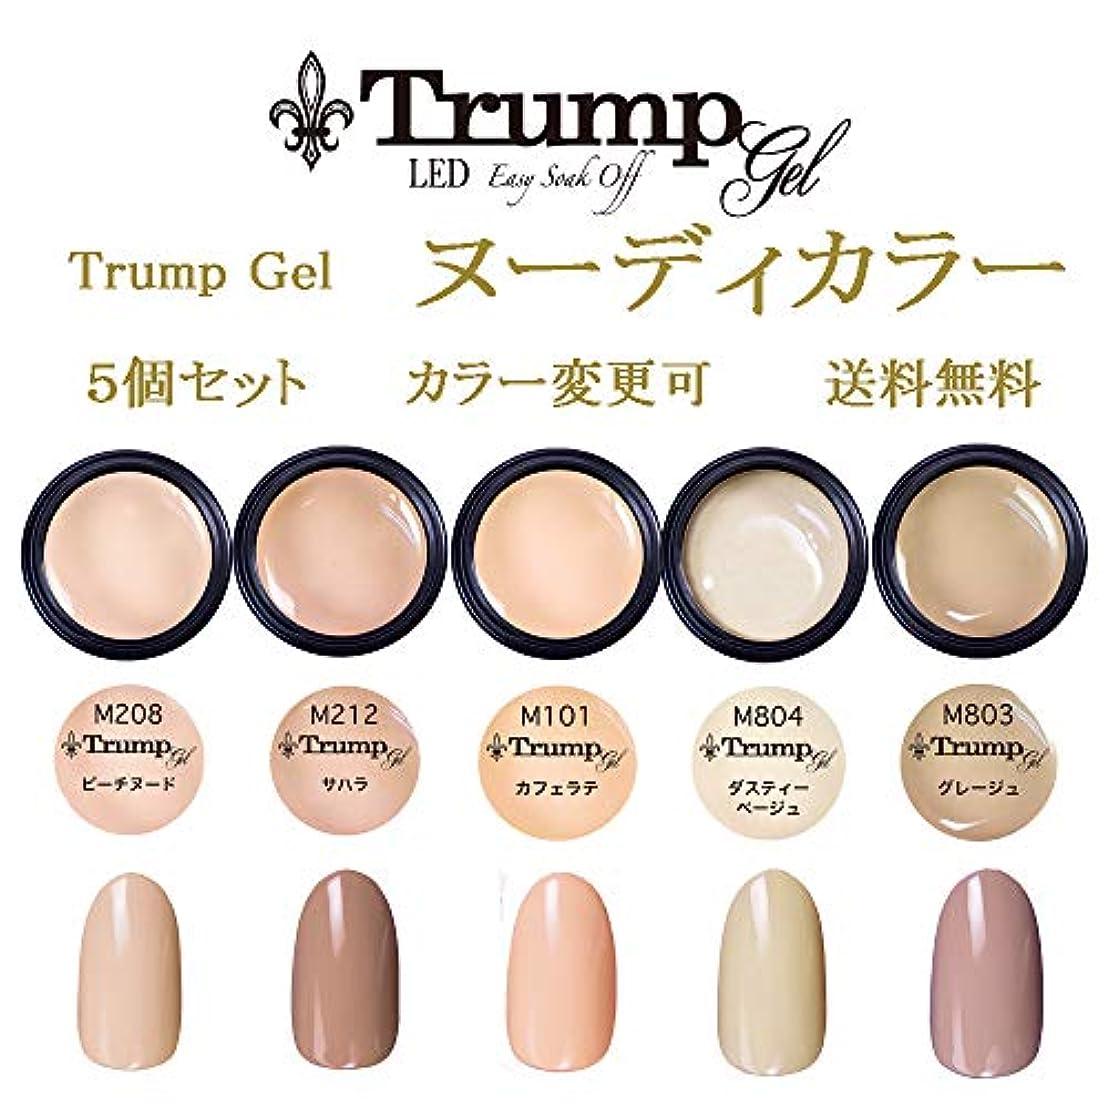 スリチンモイ説明する喉が渇いた日本製 Trump gel トランプジェル ヌーディカラー 選べる カラージェル 5個セット ベージュ ブラウン ピンク